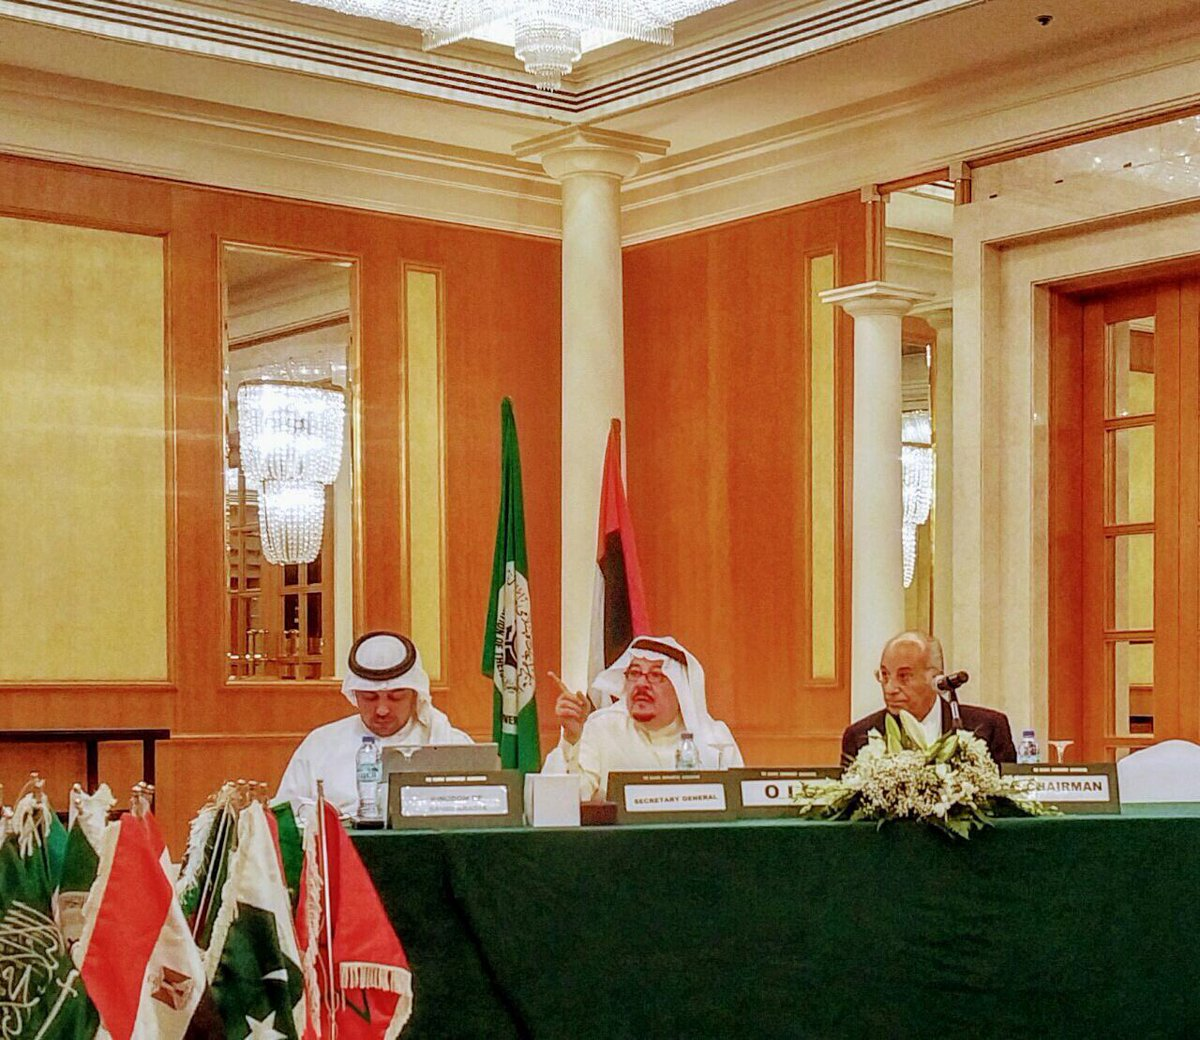 @TrevorTMS_rocks MD, The Maritime Standard with @amirmosadeghi CEO, Islamic P&I Club & Ralph Becker, Head of Business Development at OISA Annual Meeting in #Dubaj pic.twitter.com/QRkbuuWqW6